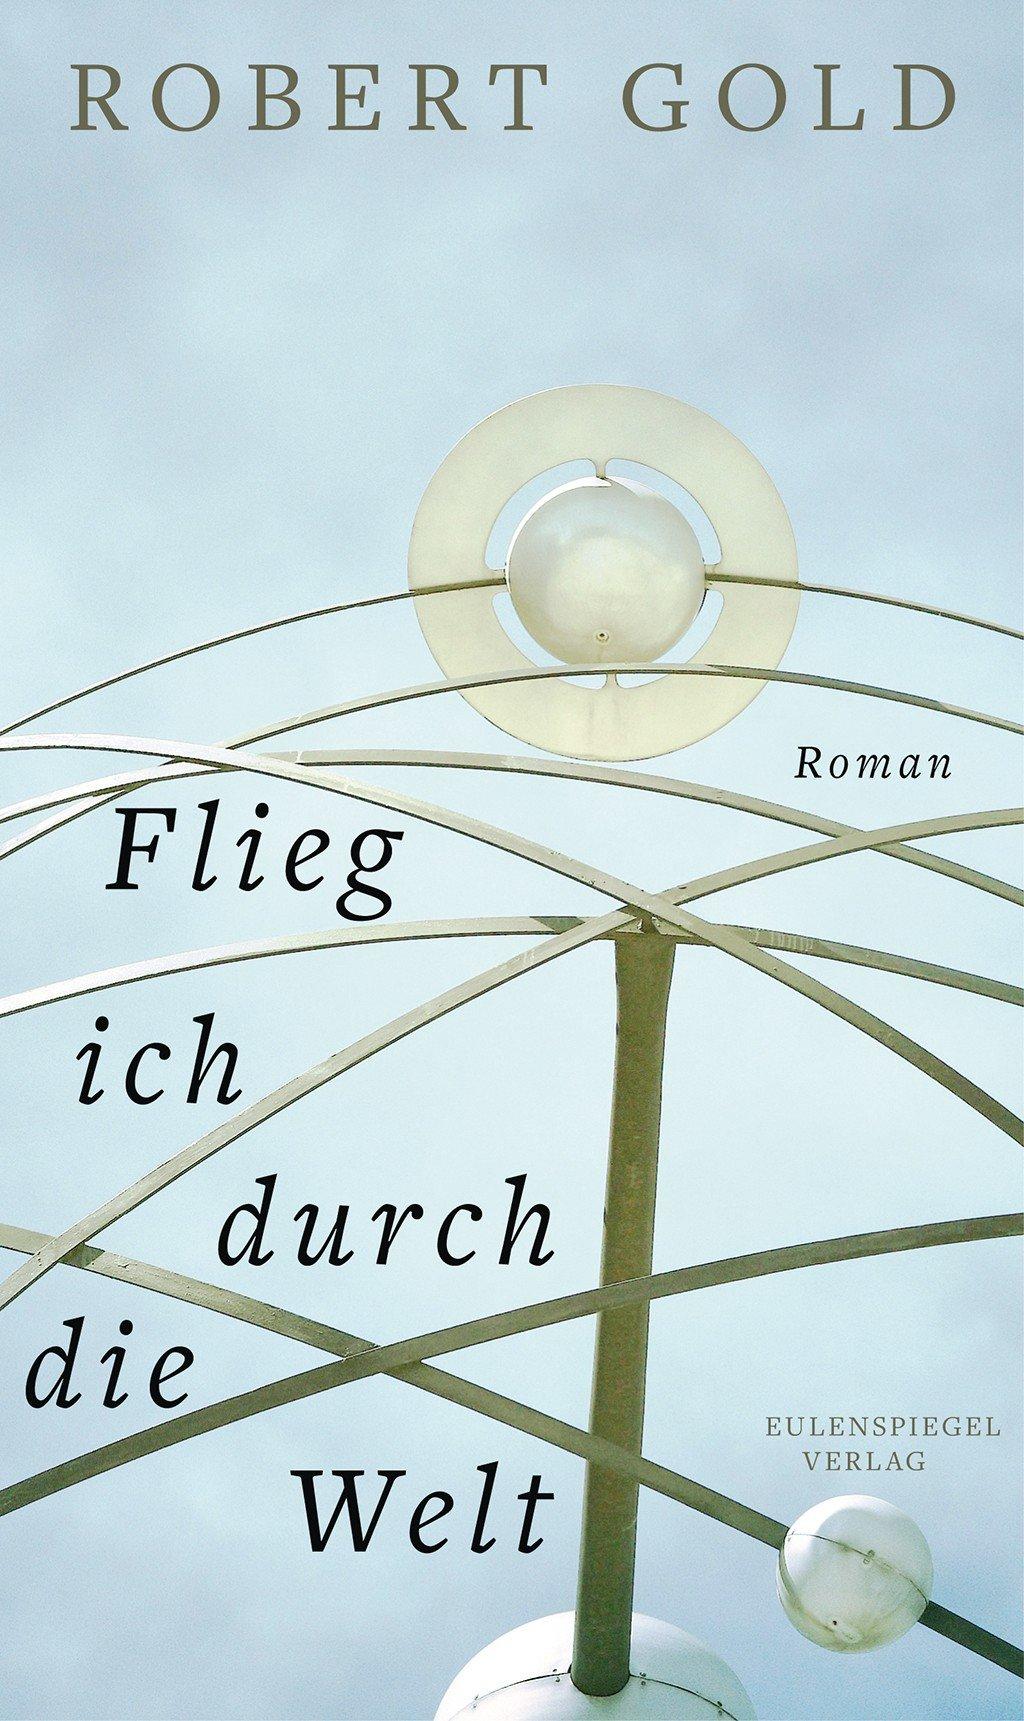 Robert Gold, Flieg ich durch die Welt, Eulenspiegel Verlag, 368 Seiten, 19,99 €